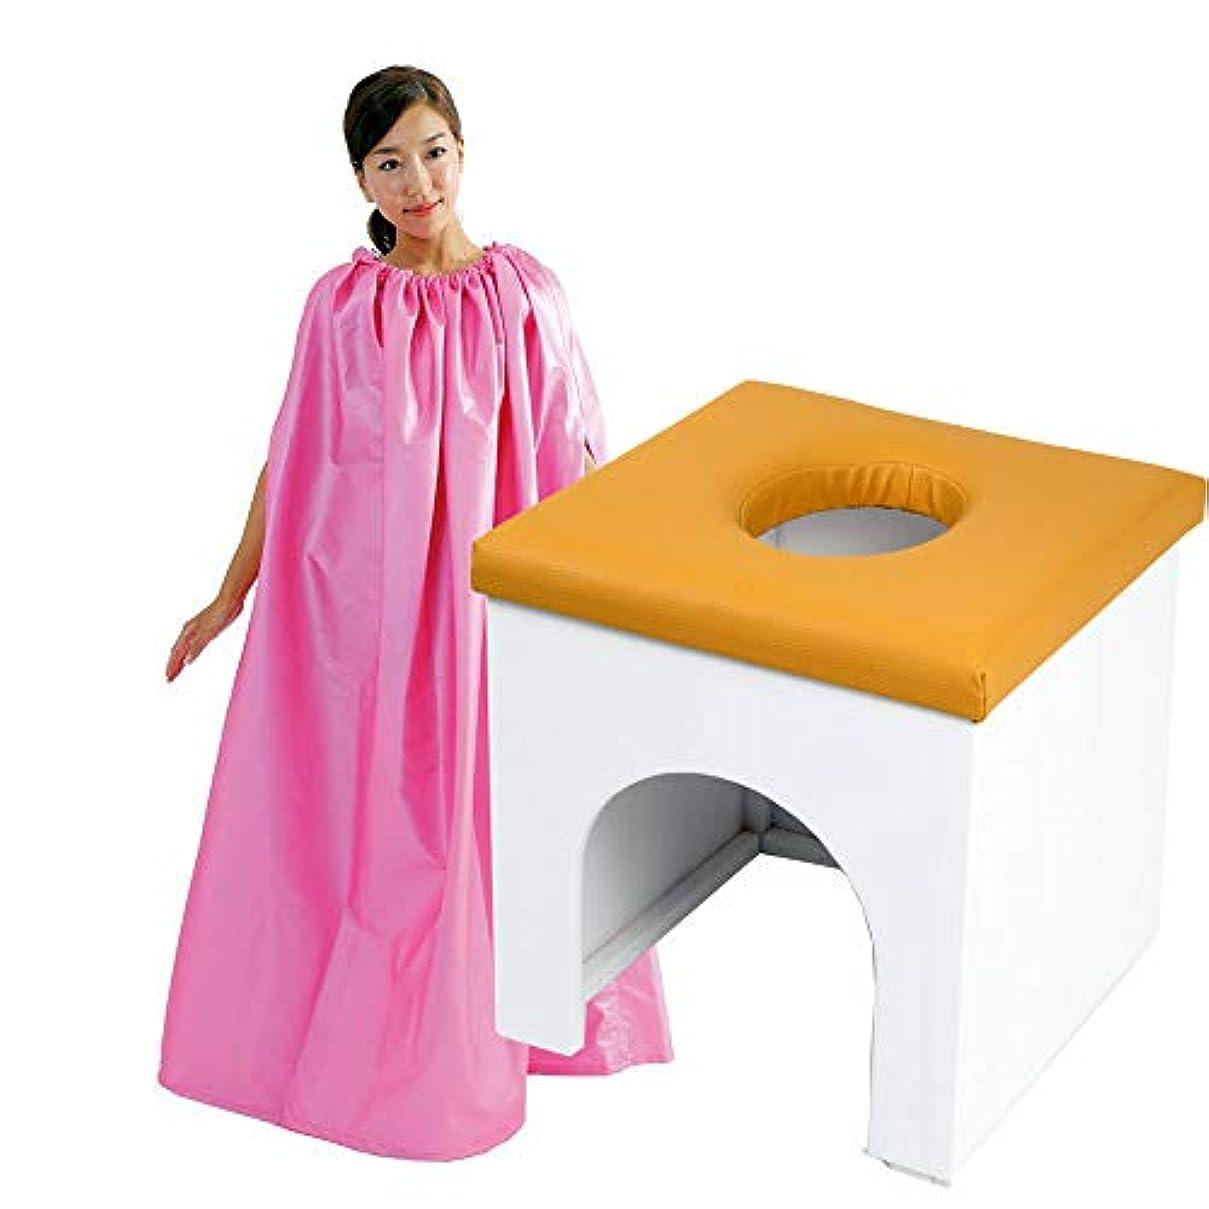 【WM】まる温よもぎ蒸し【白椅子(マスタードシート)セット】専用マント?薬草60回分?電気鍋【期待通りの満足感をお届けします!】/爽やかなホワイトカラーで、人体に無害な塗装仕上げで通常の椅子より長持ちします (ピンク)